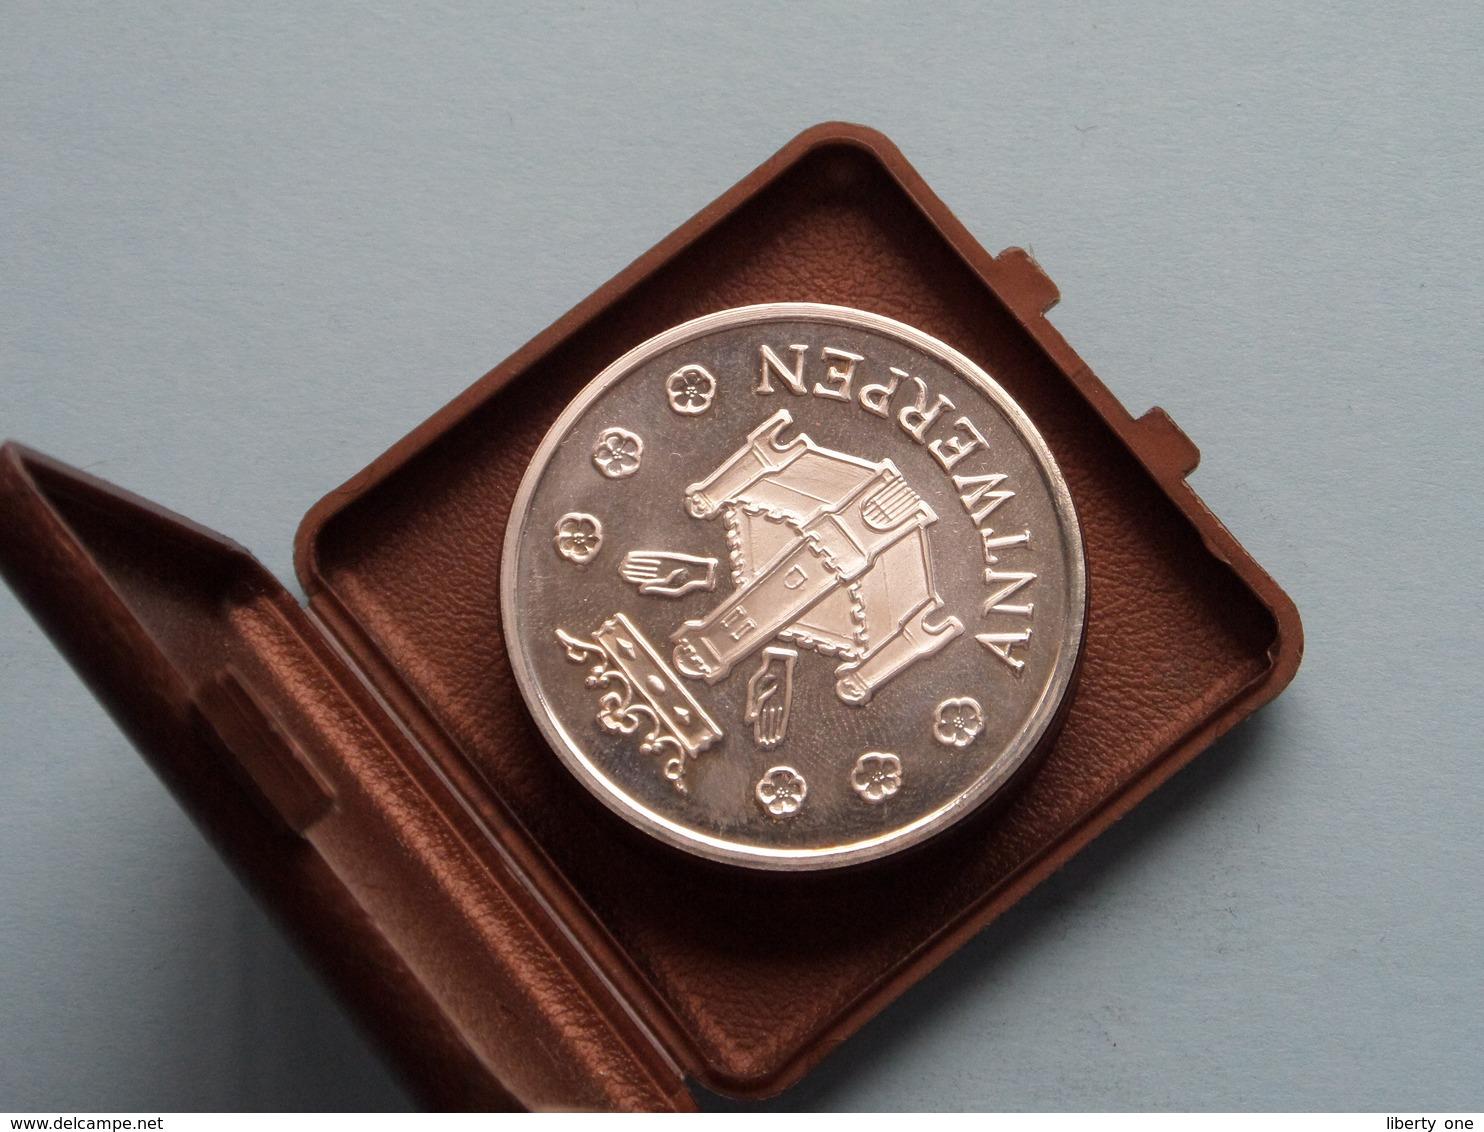 RUBENSJAAR 1977 - ANTWERPEN ( 25 GRAM > Silver ) In DOOSJE  > 1 Stuk ( Uncleaned - For Grade, Please See Photo ) ! - België